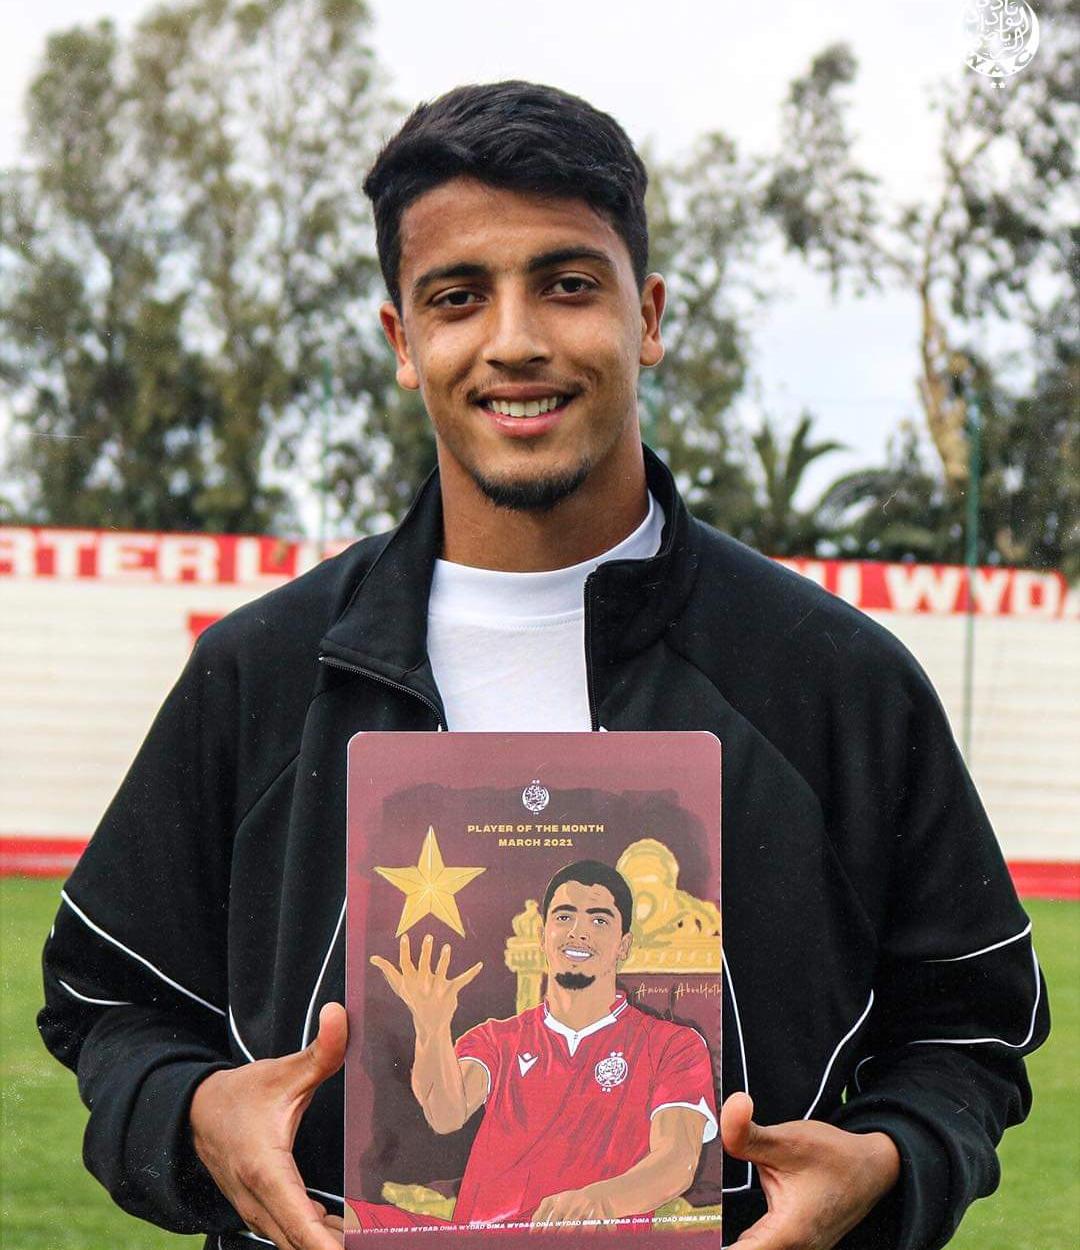 ابو الفتح أفضل لاعب ودادي شهر مارس